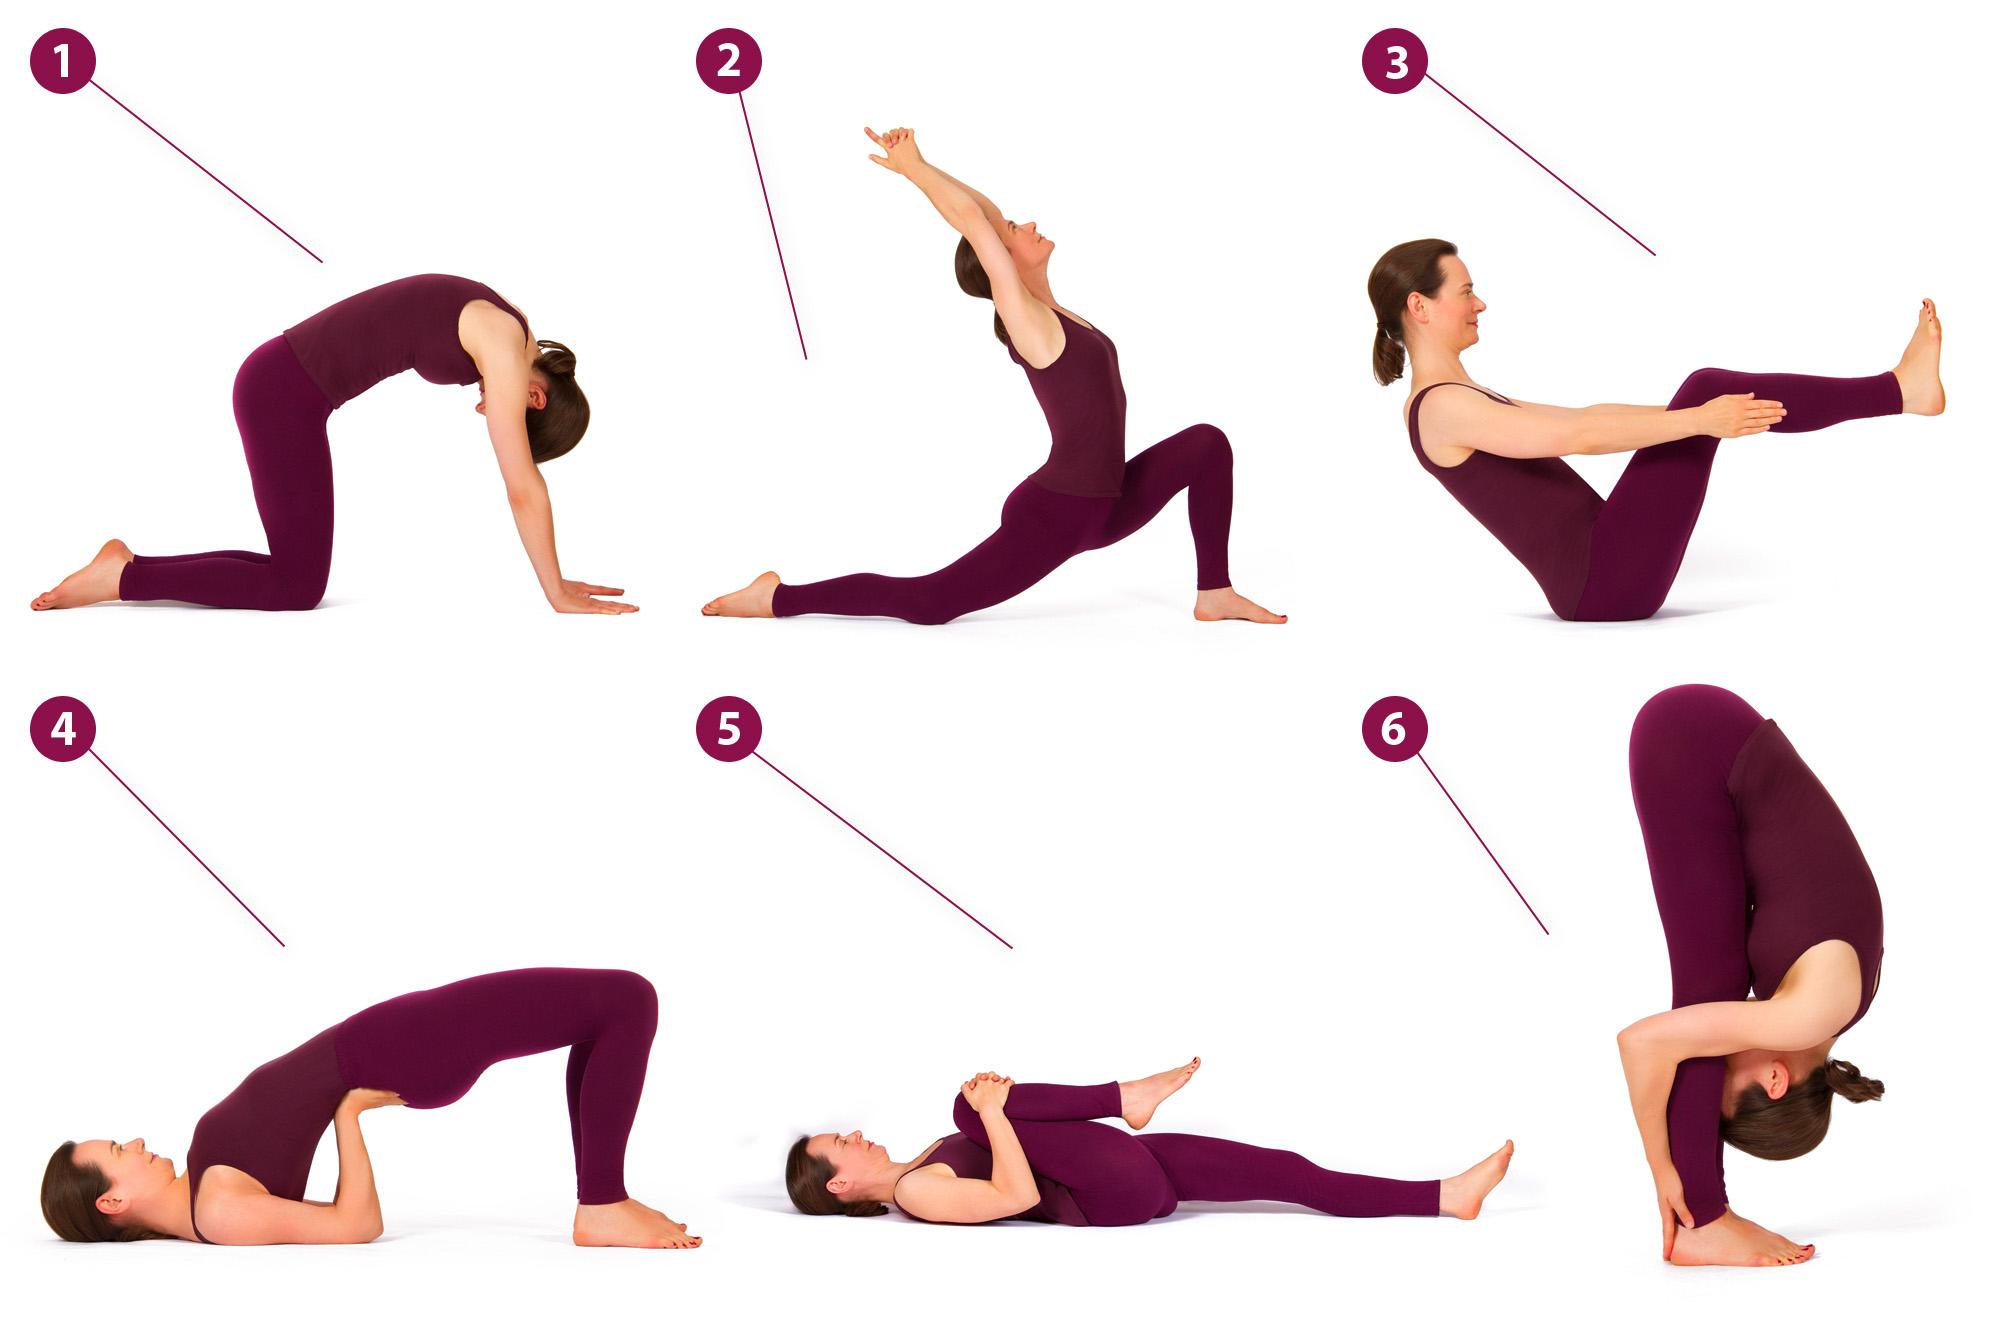 6 yoga bungen f r den r cken yogastudio heidi paschen. Black Bedroom Furniture Sets. Home Design Ideas